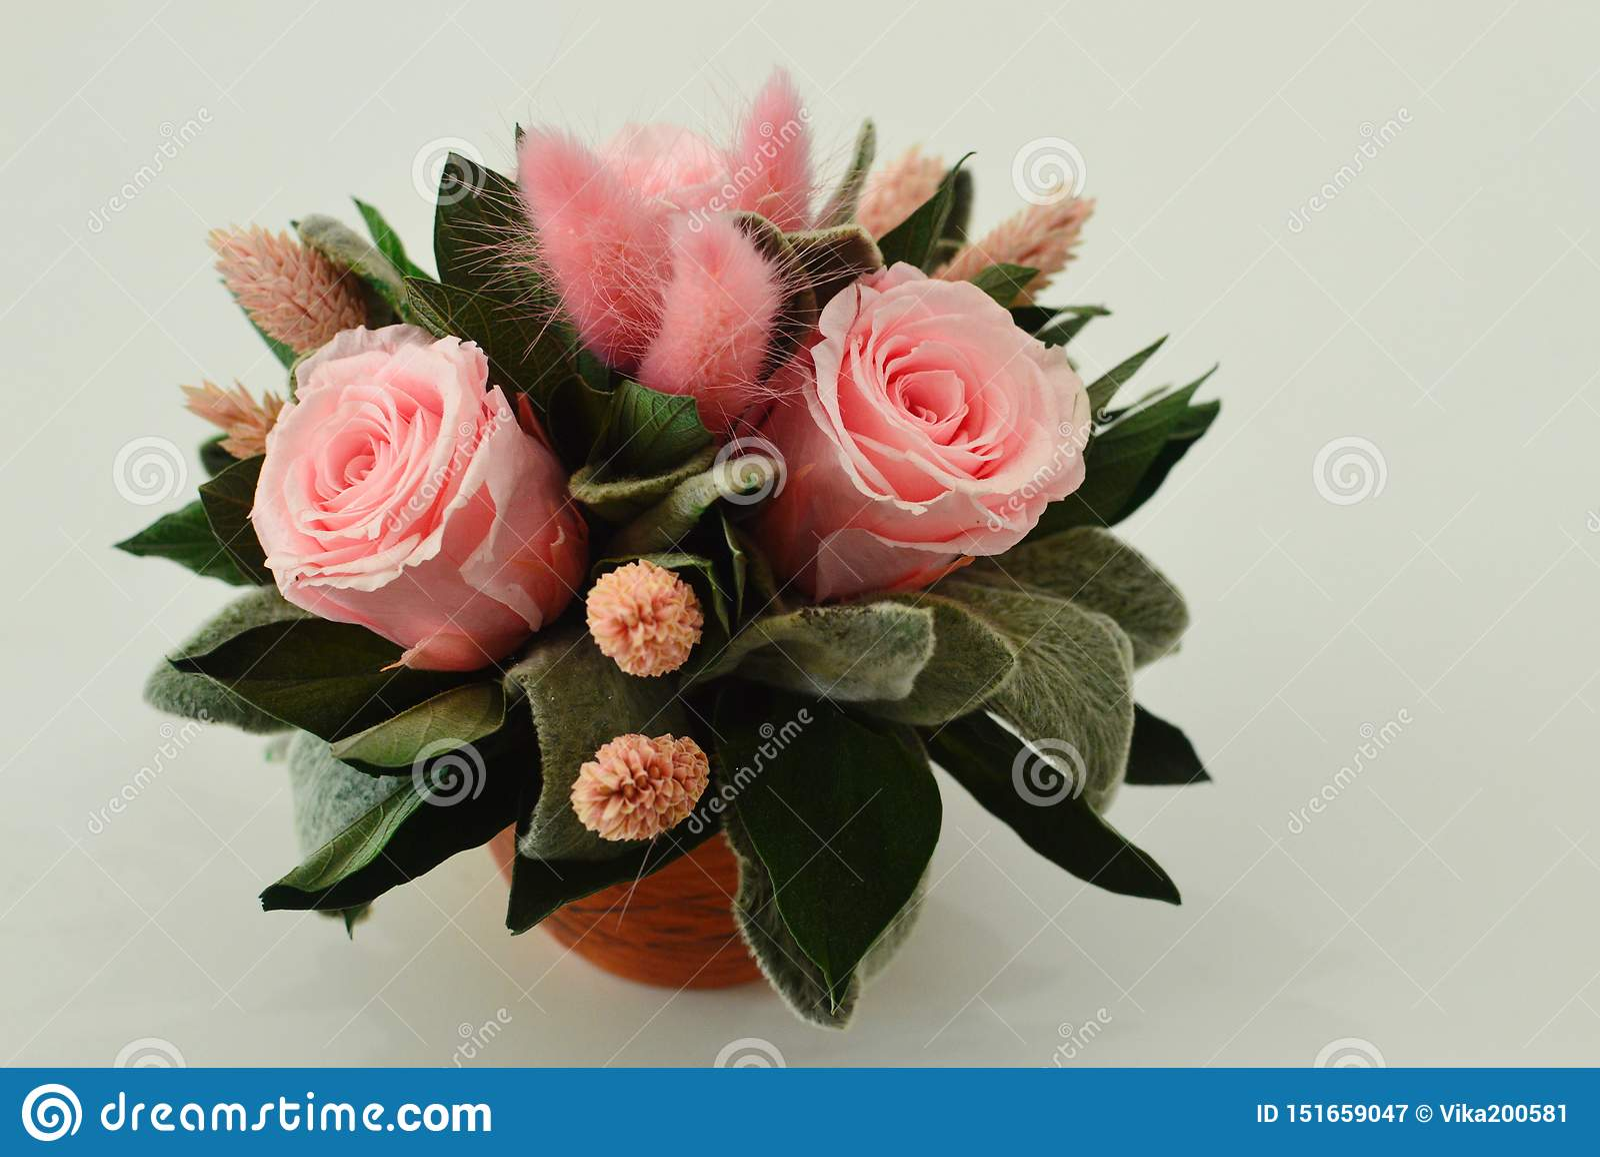 Flores secadas para una decoración interior